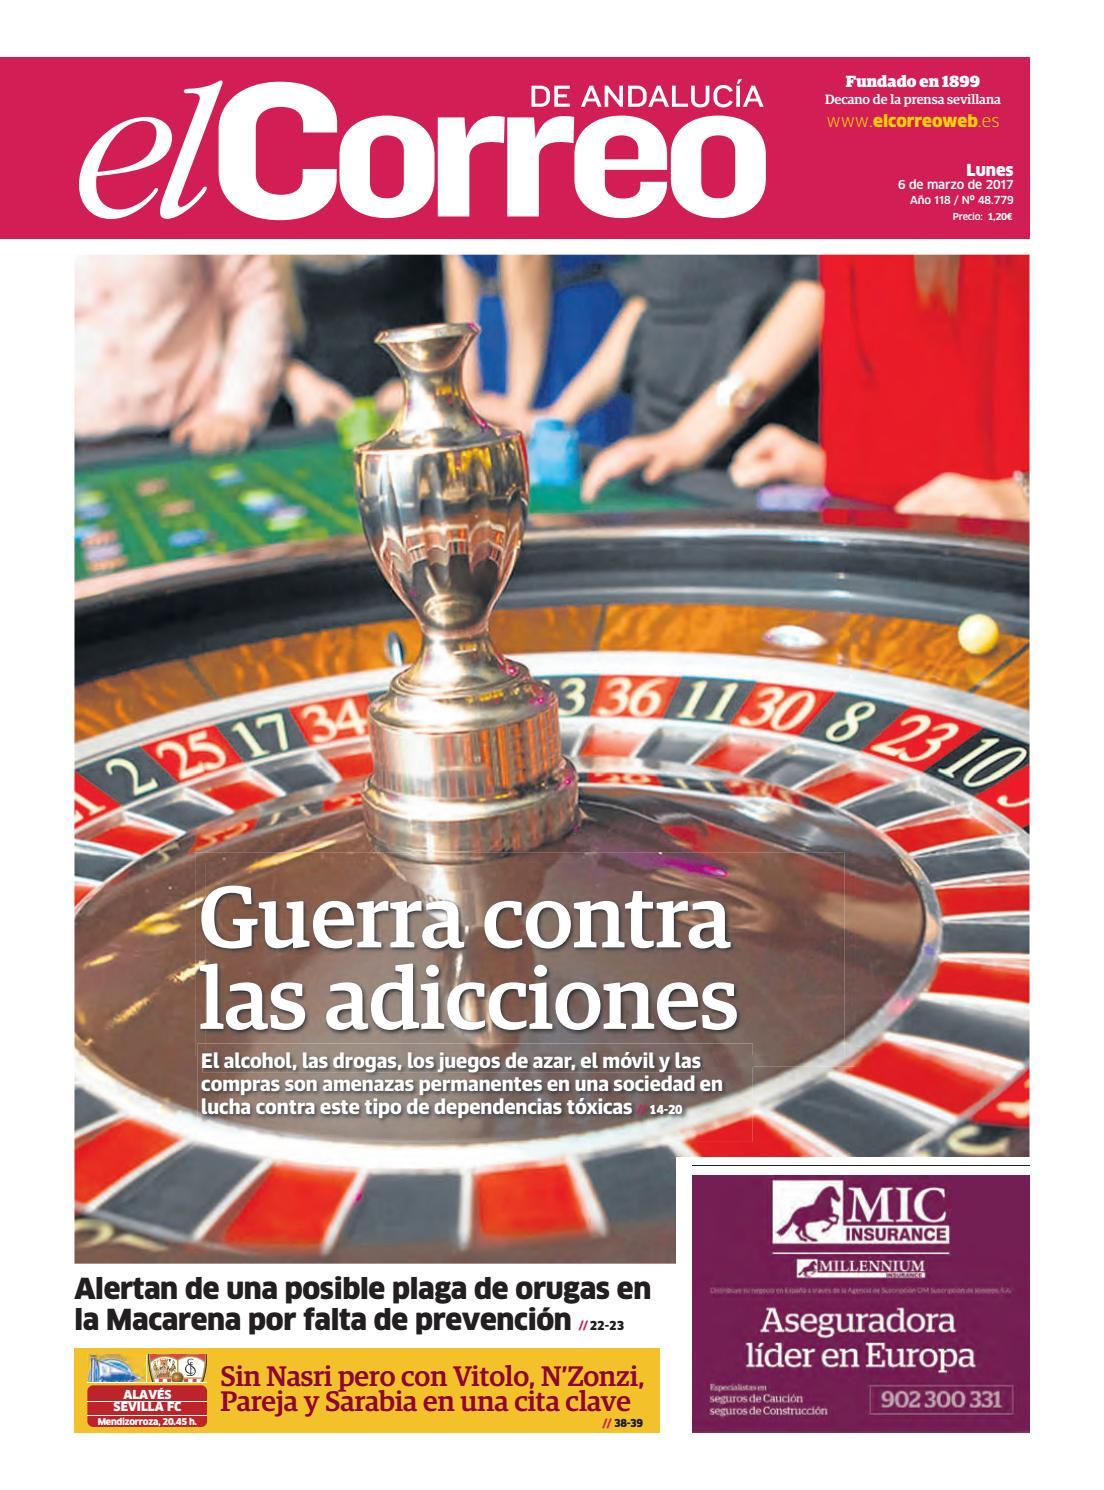 06 03 2017 El Correo de Andalucía by EL CORREO DE ANDALUCÍA S.L. - issuu 18b09a6d22cc5